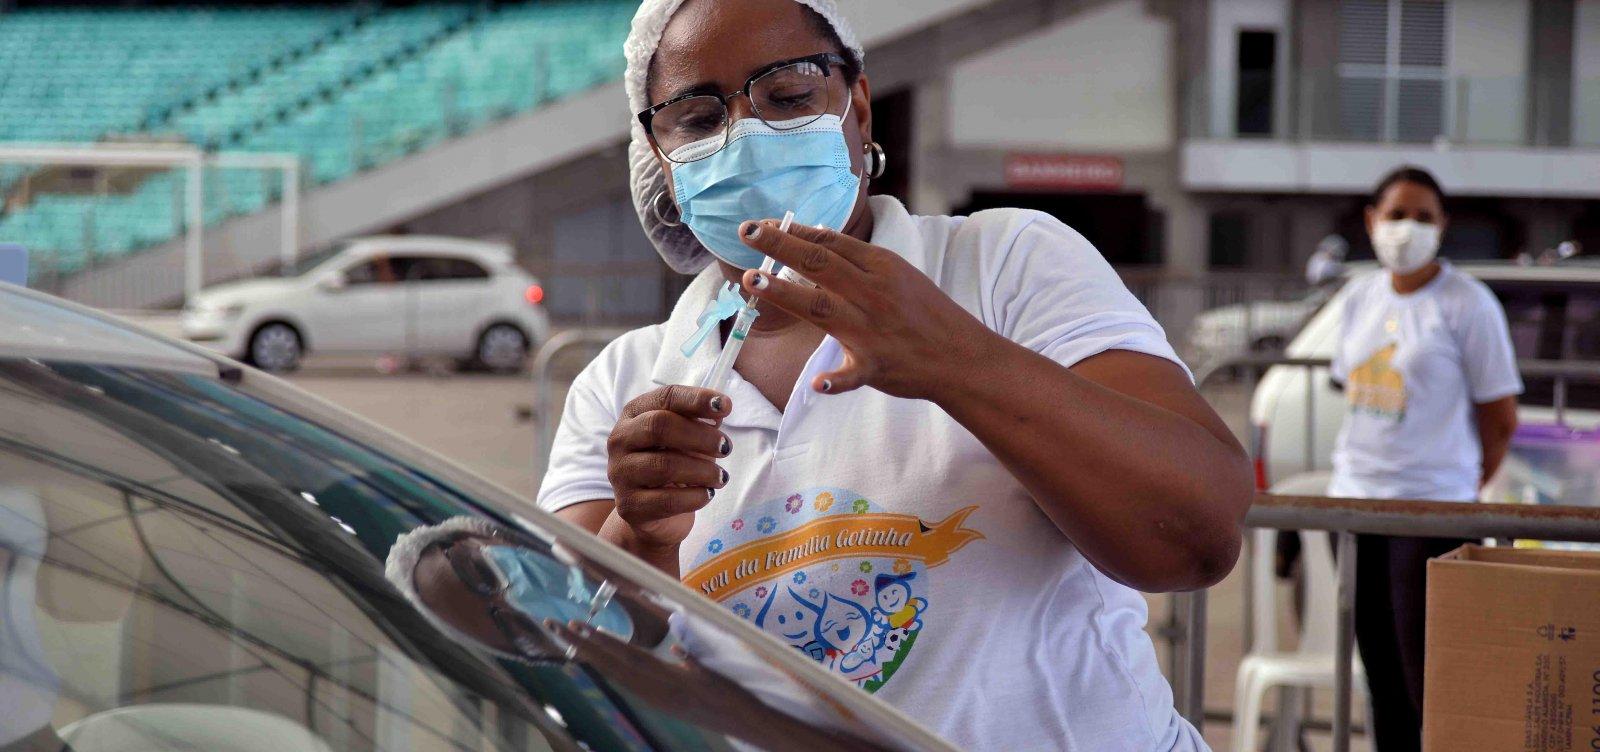 Salvador realiza mutirão de idade para vacinação e estende horário dos pontos até 21h nesta quinta-feira